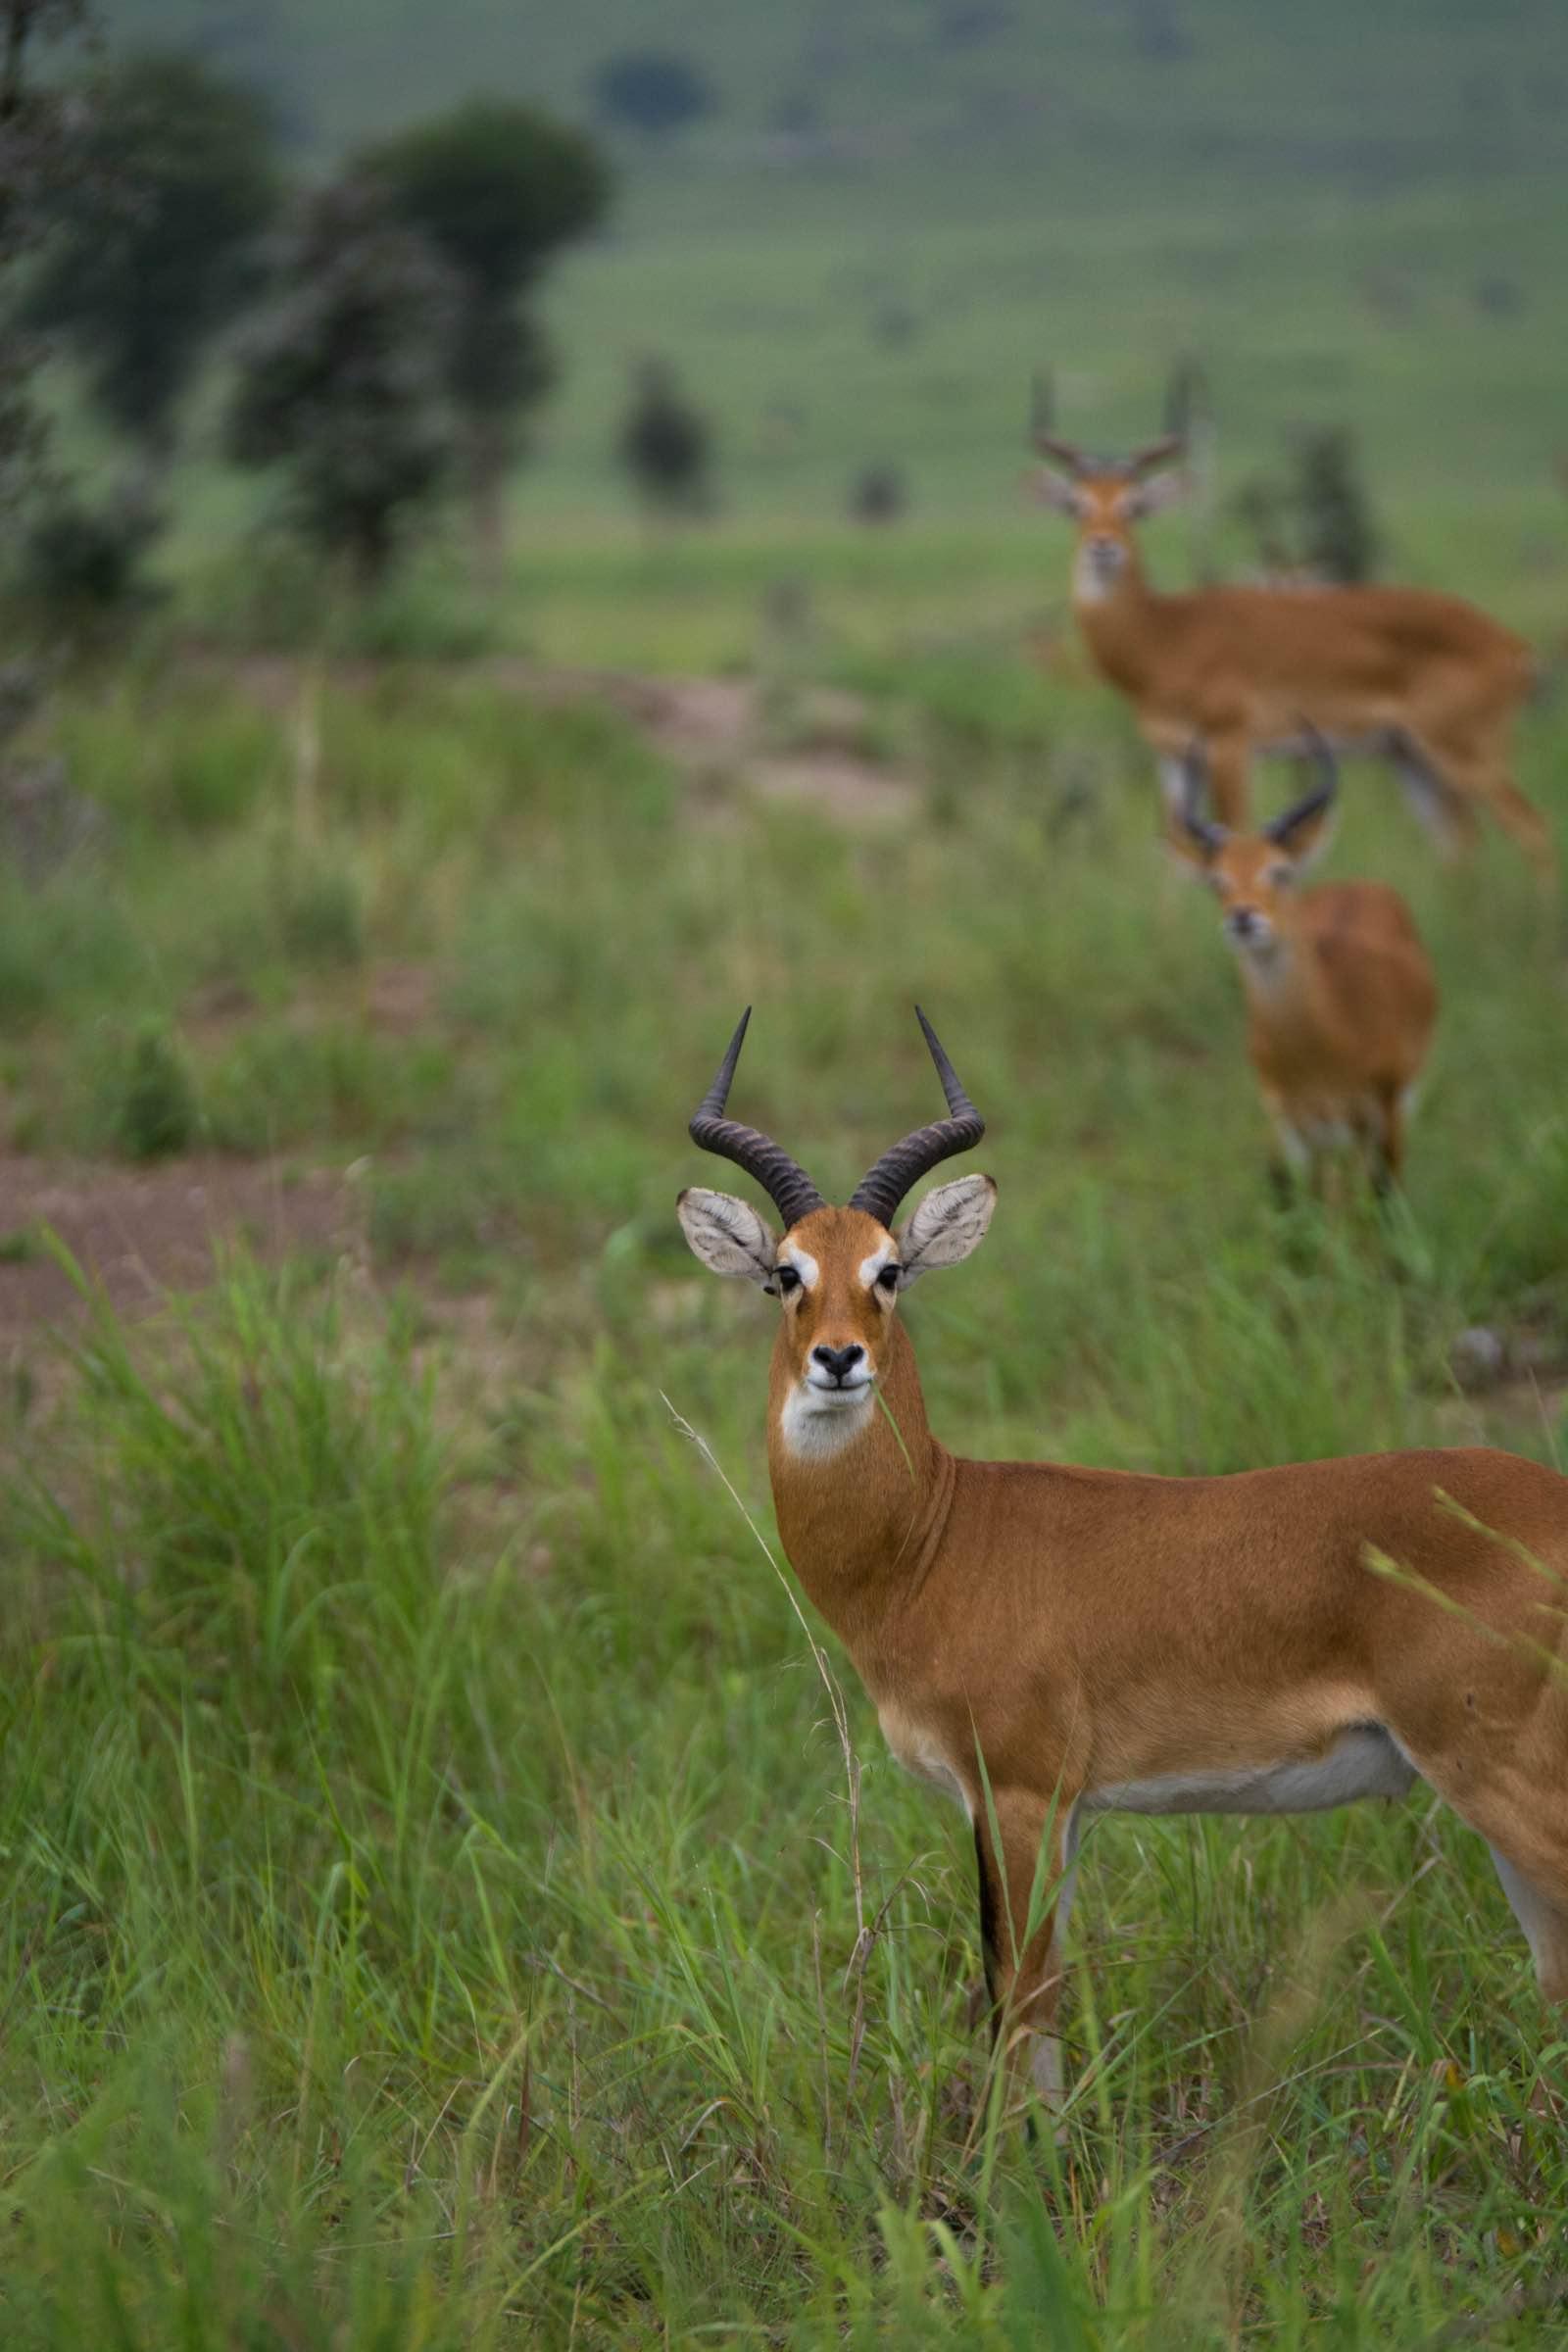 The Ugandan kob - the country's national animal